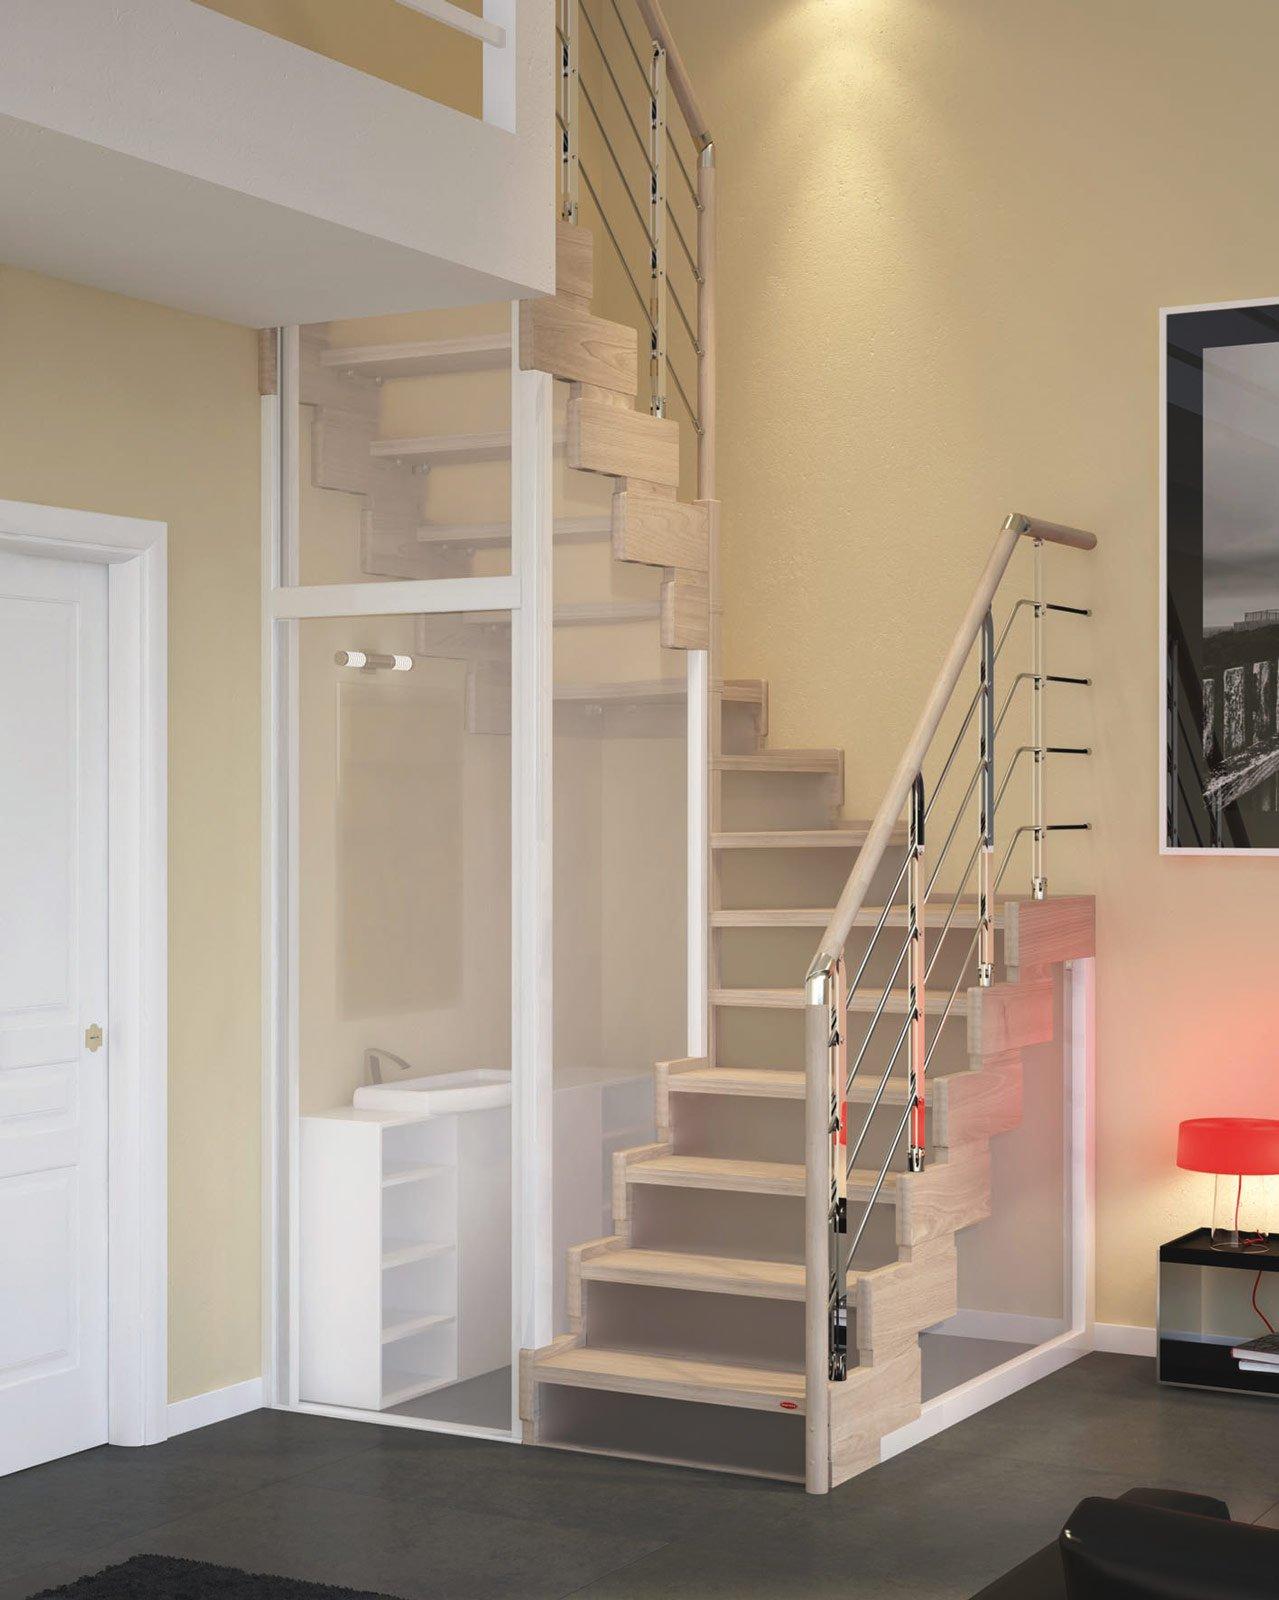 Recuperare spazio in casa soluzioni per dividere nascondere riporre cose di casa - Creare un bagno in poco spazio ...